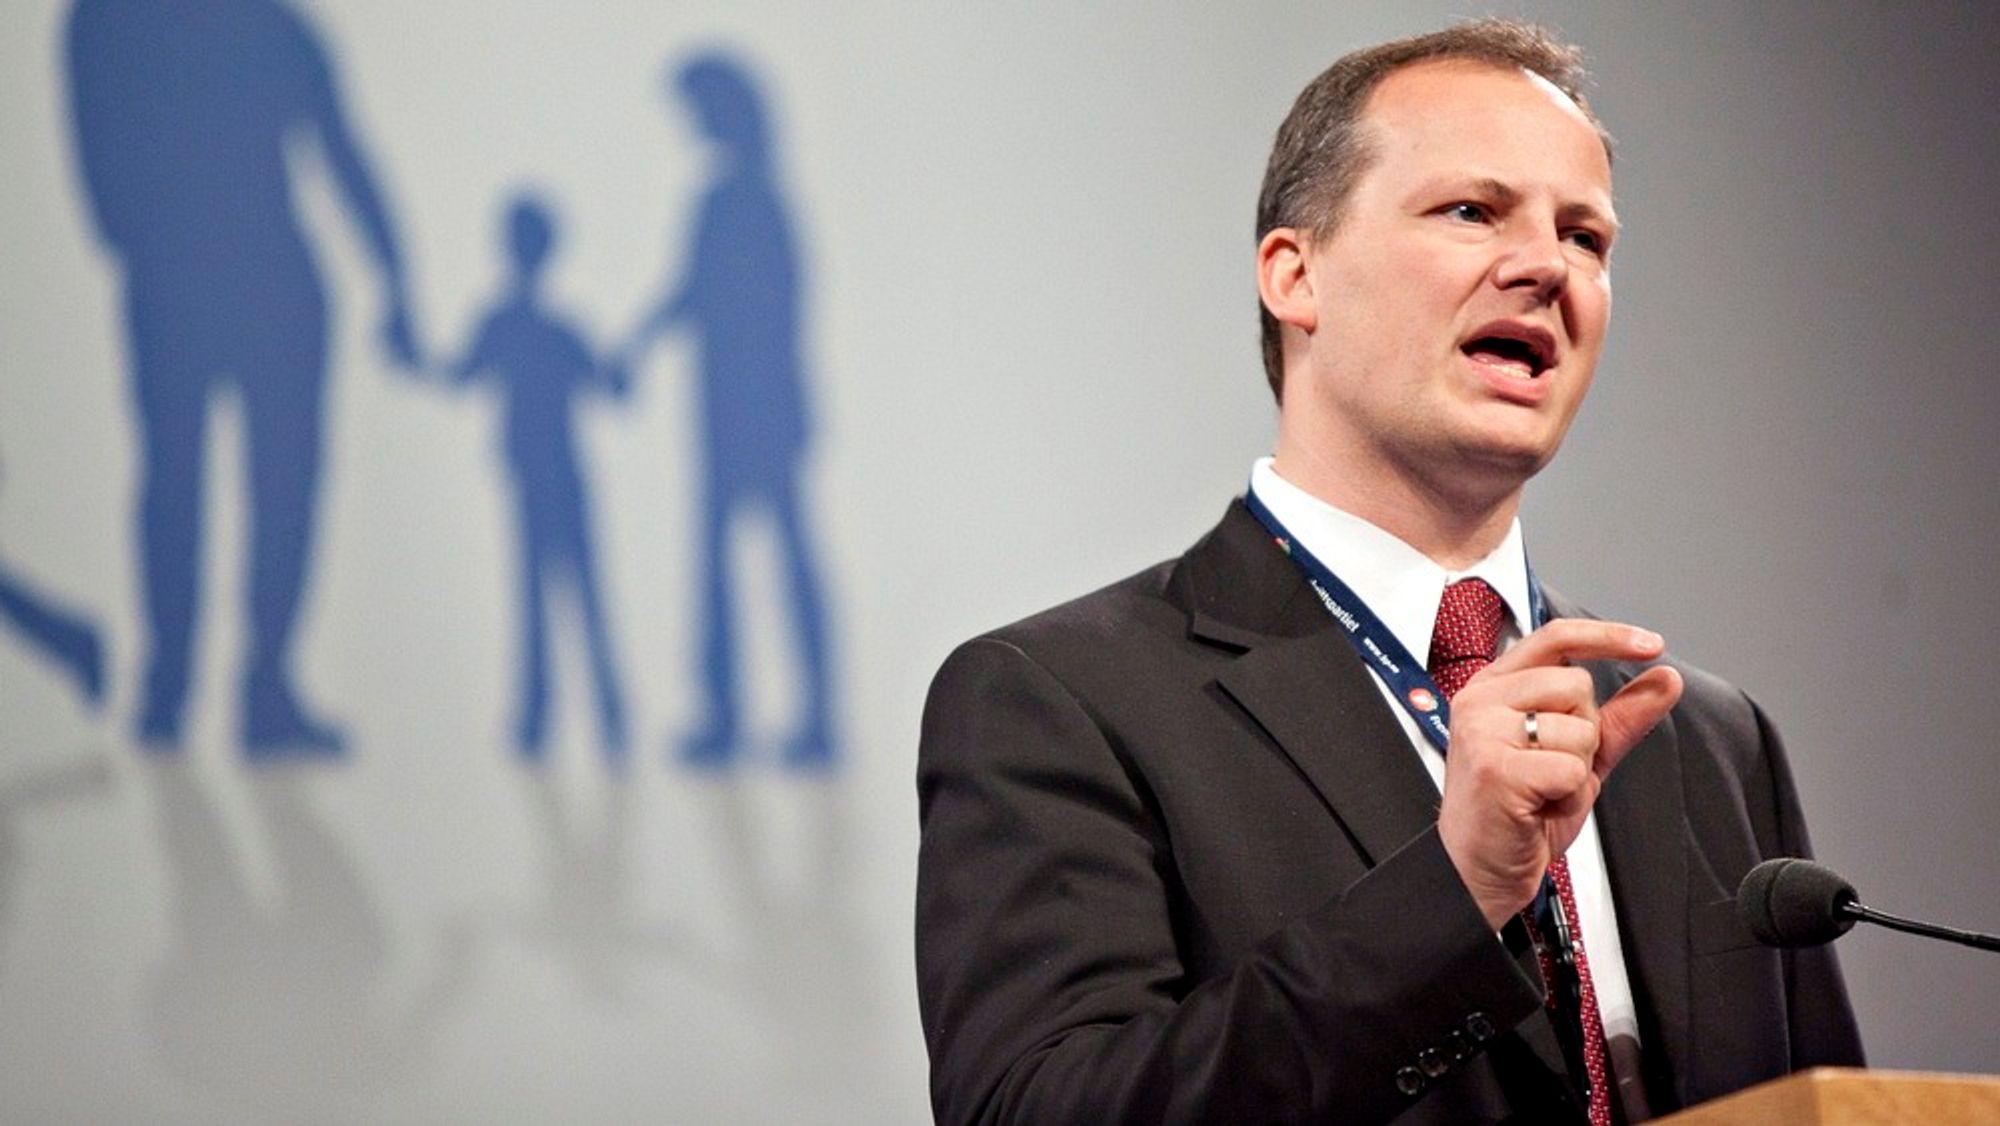 KRITISK: Det var Jens Stoltenbergs egen regjering som som la grunnlaget for kabelvekkelsen NHO beskyldes for å være rammet av, minner Ketil Solvik-Olsen (Frp) om. Her ses han på talerstolen på Fremskrittspartiets landsmøte 2012.